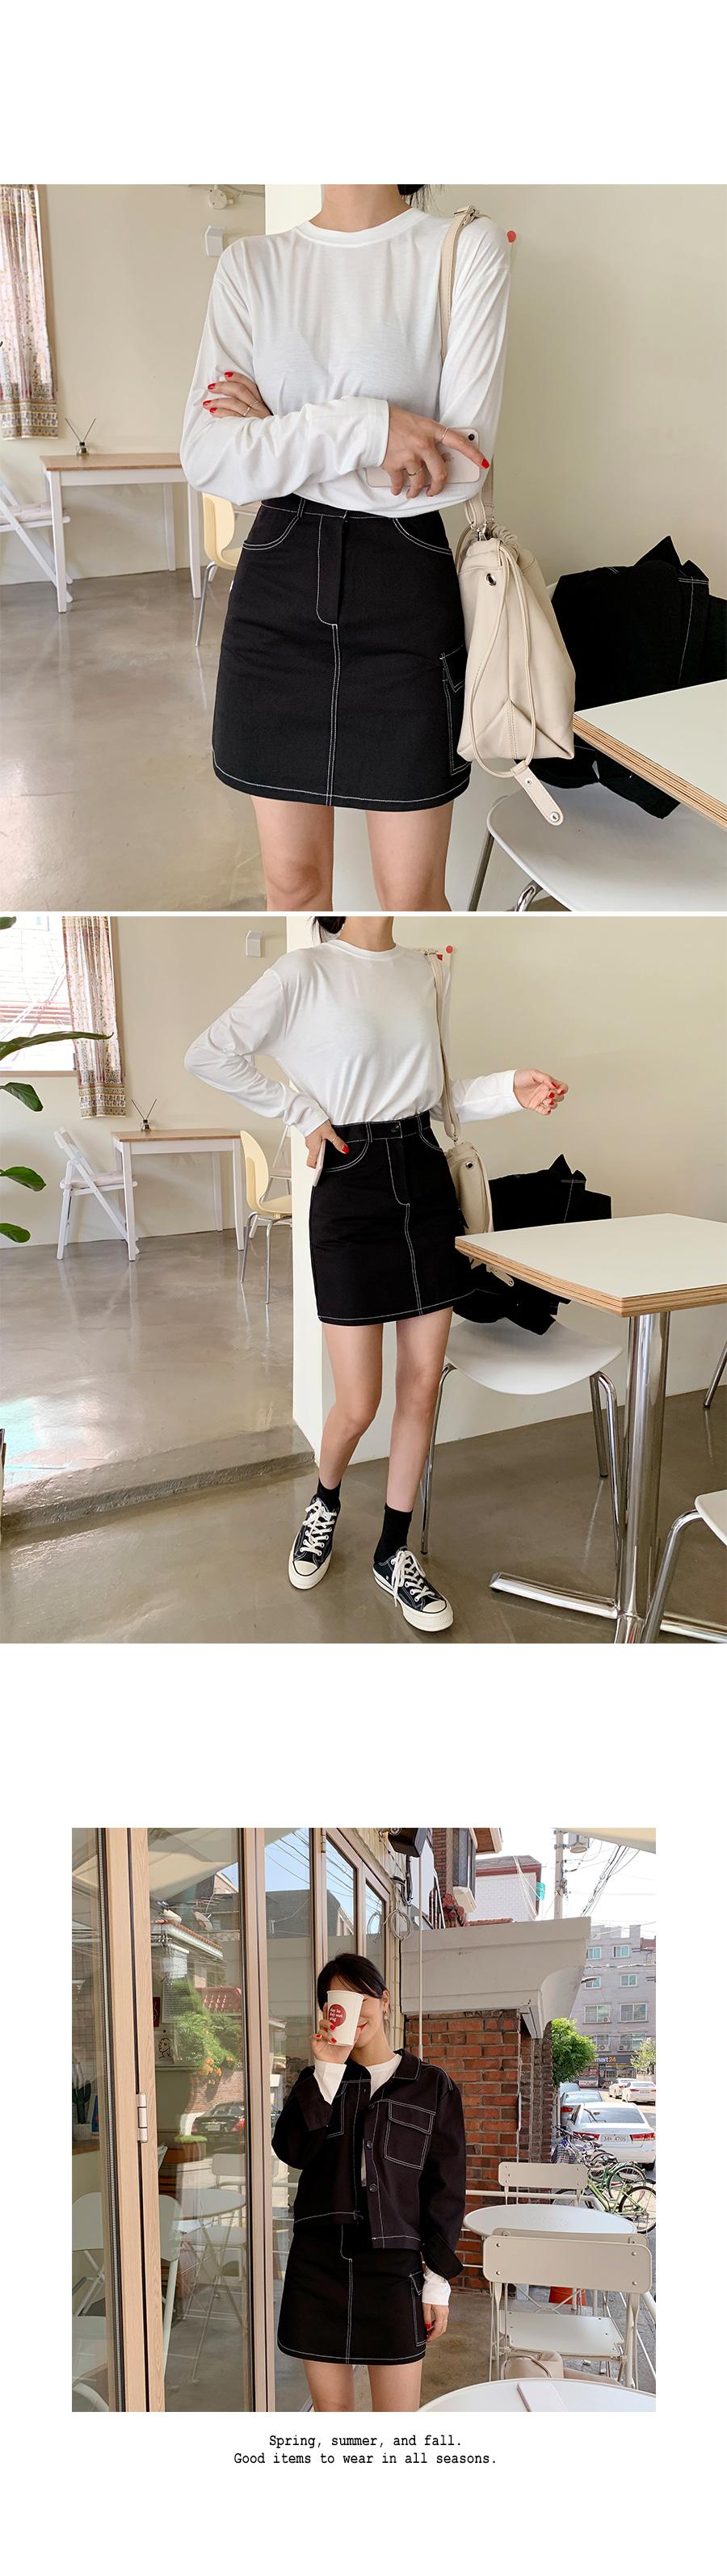 Oli stitch skirt